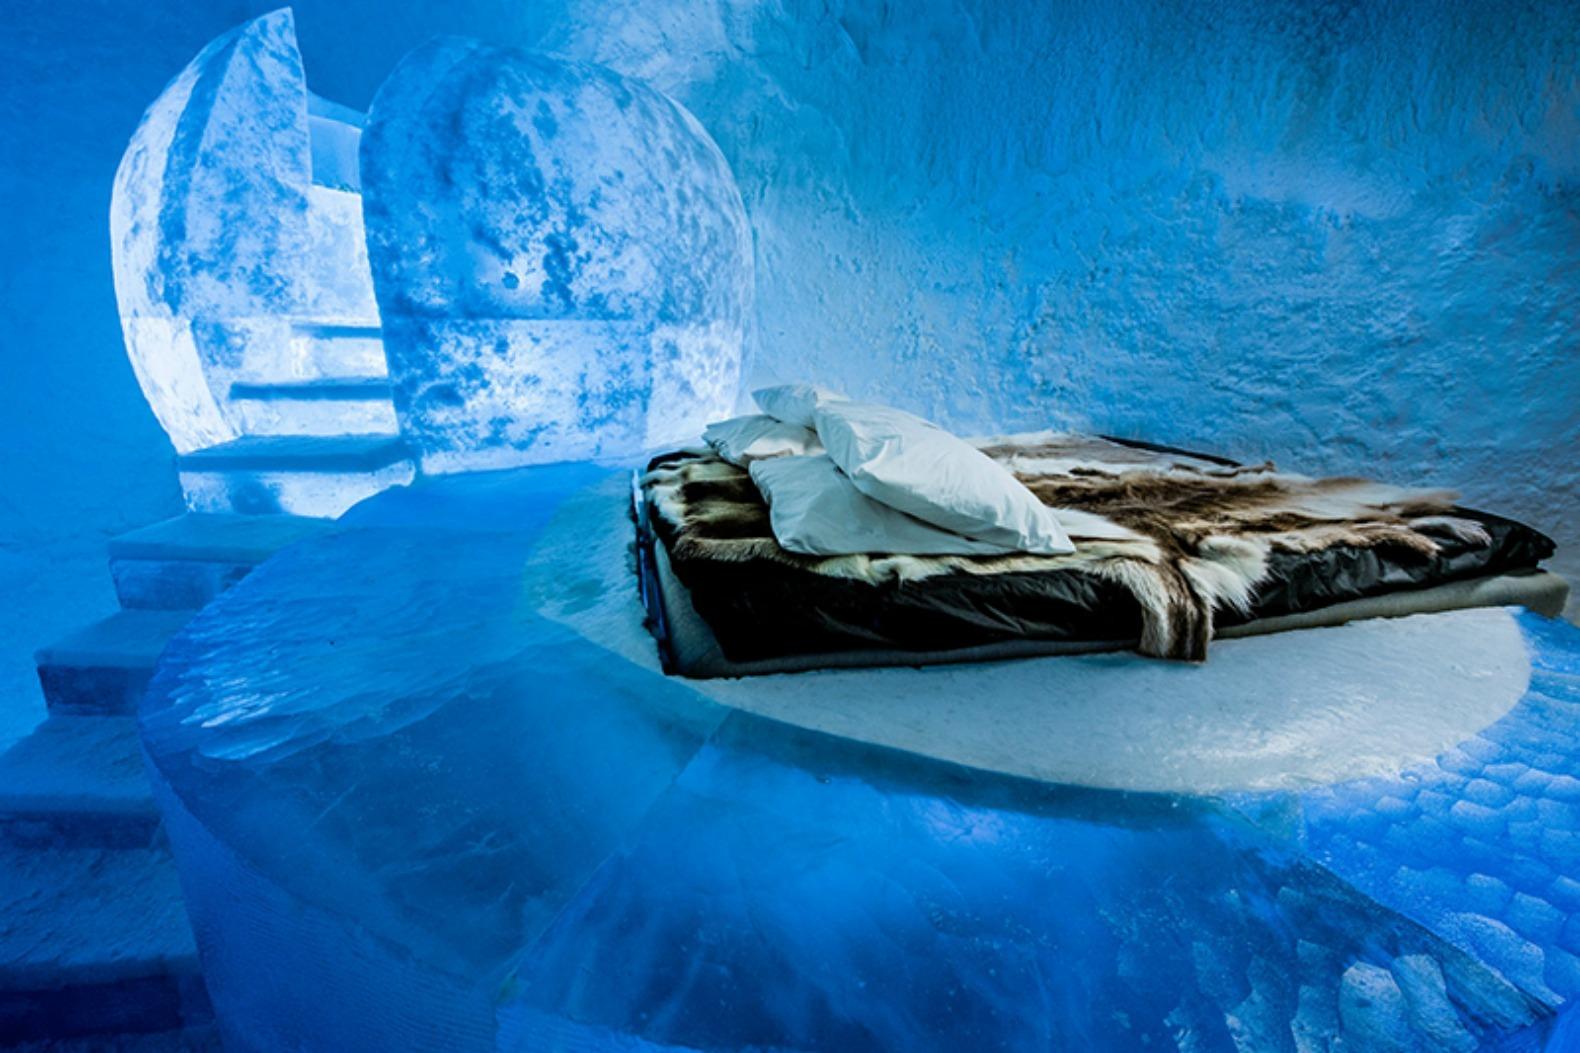 Suíte do Icehotel365 tem paredes e 'móveis' feitos com as águas do rio Torne